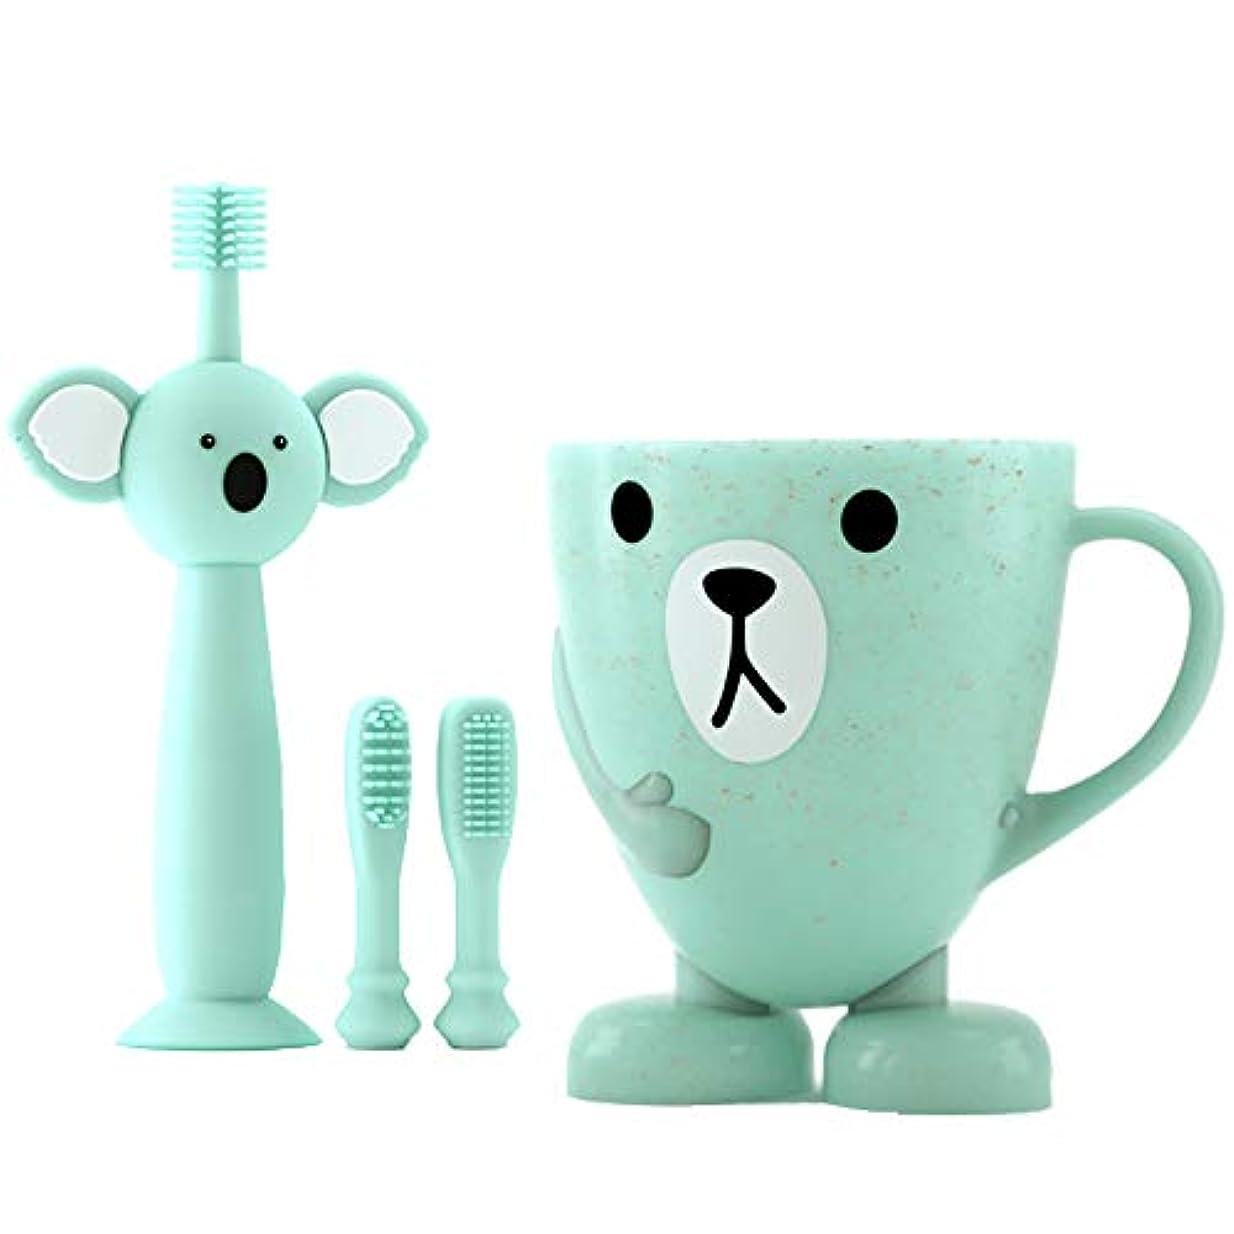 材料満了ママLUDNEE 子供用歯ブラシ 男女兼用 柔らかい 乳歯を保護する ベビー歯ブラシ シリコン歯ブラシ 乳歯用ブラシ (ブルー)